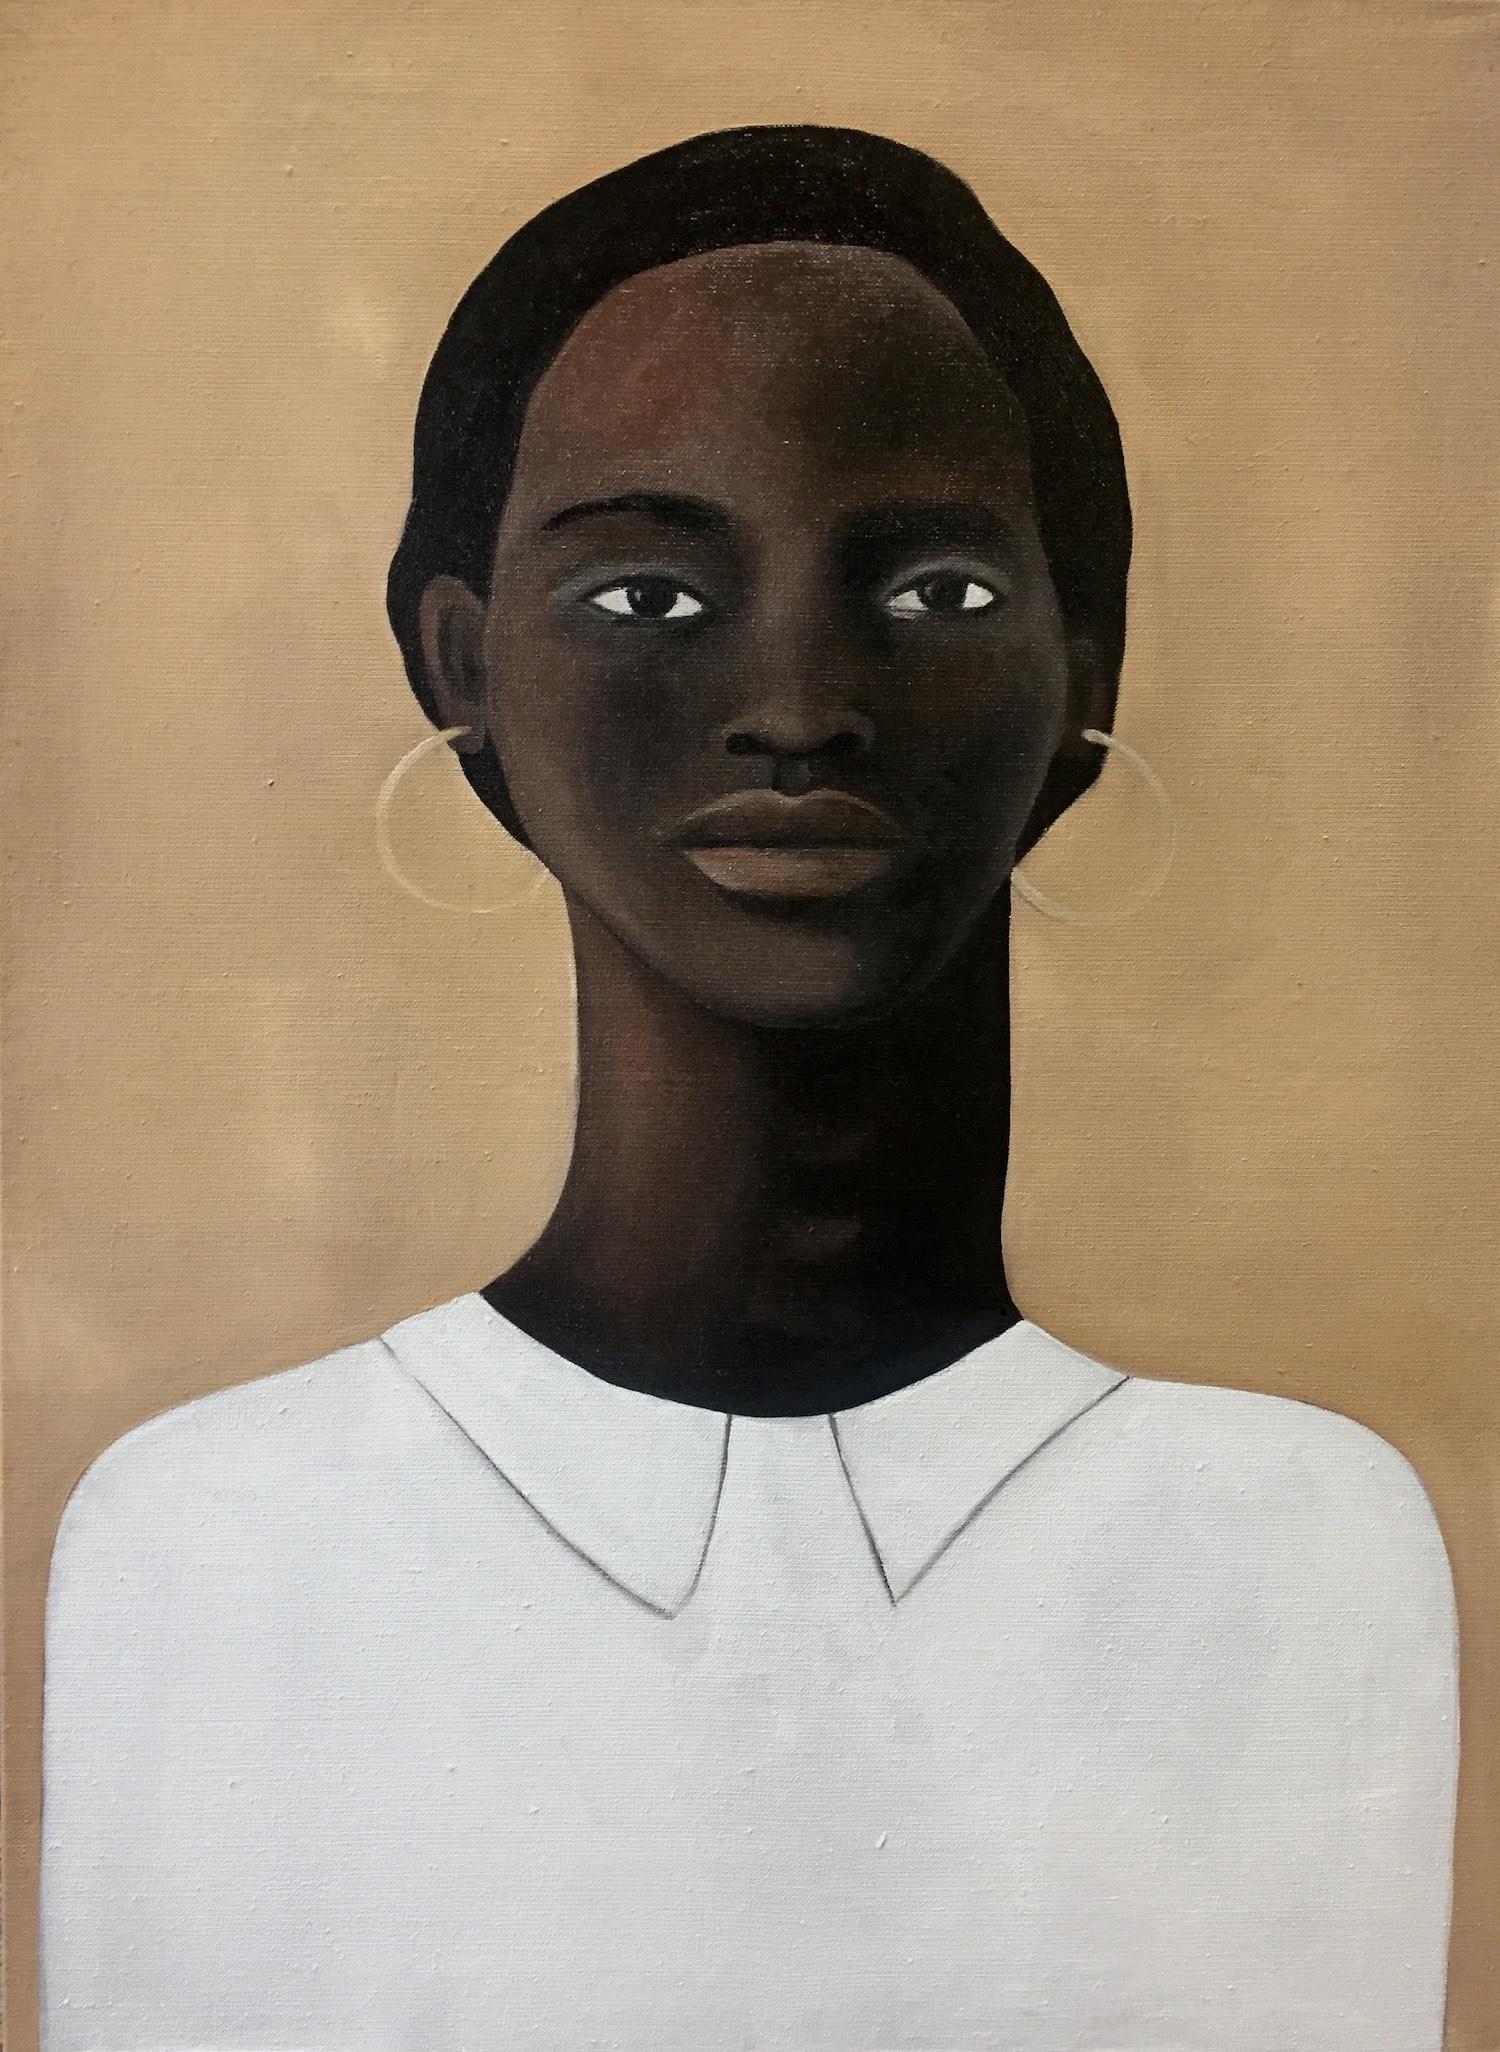 Paula femme de face aux cheveux noirs et haut blanc